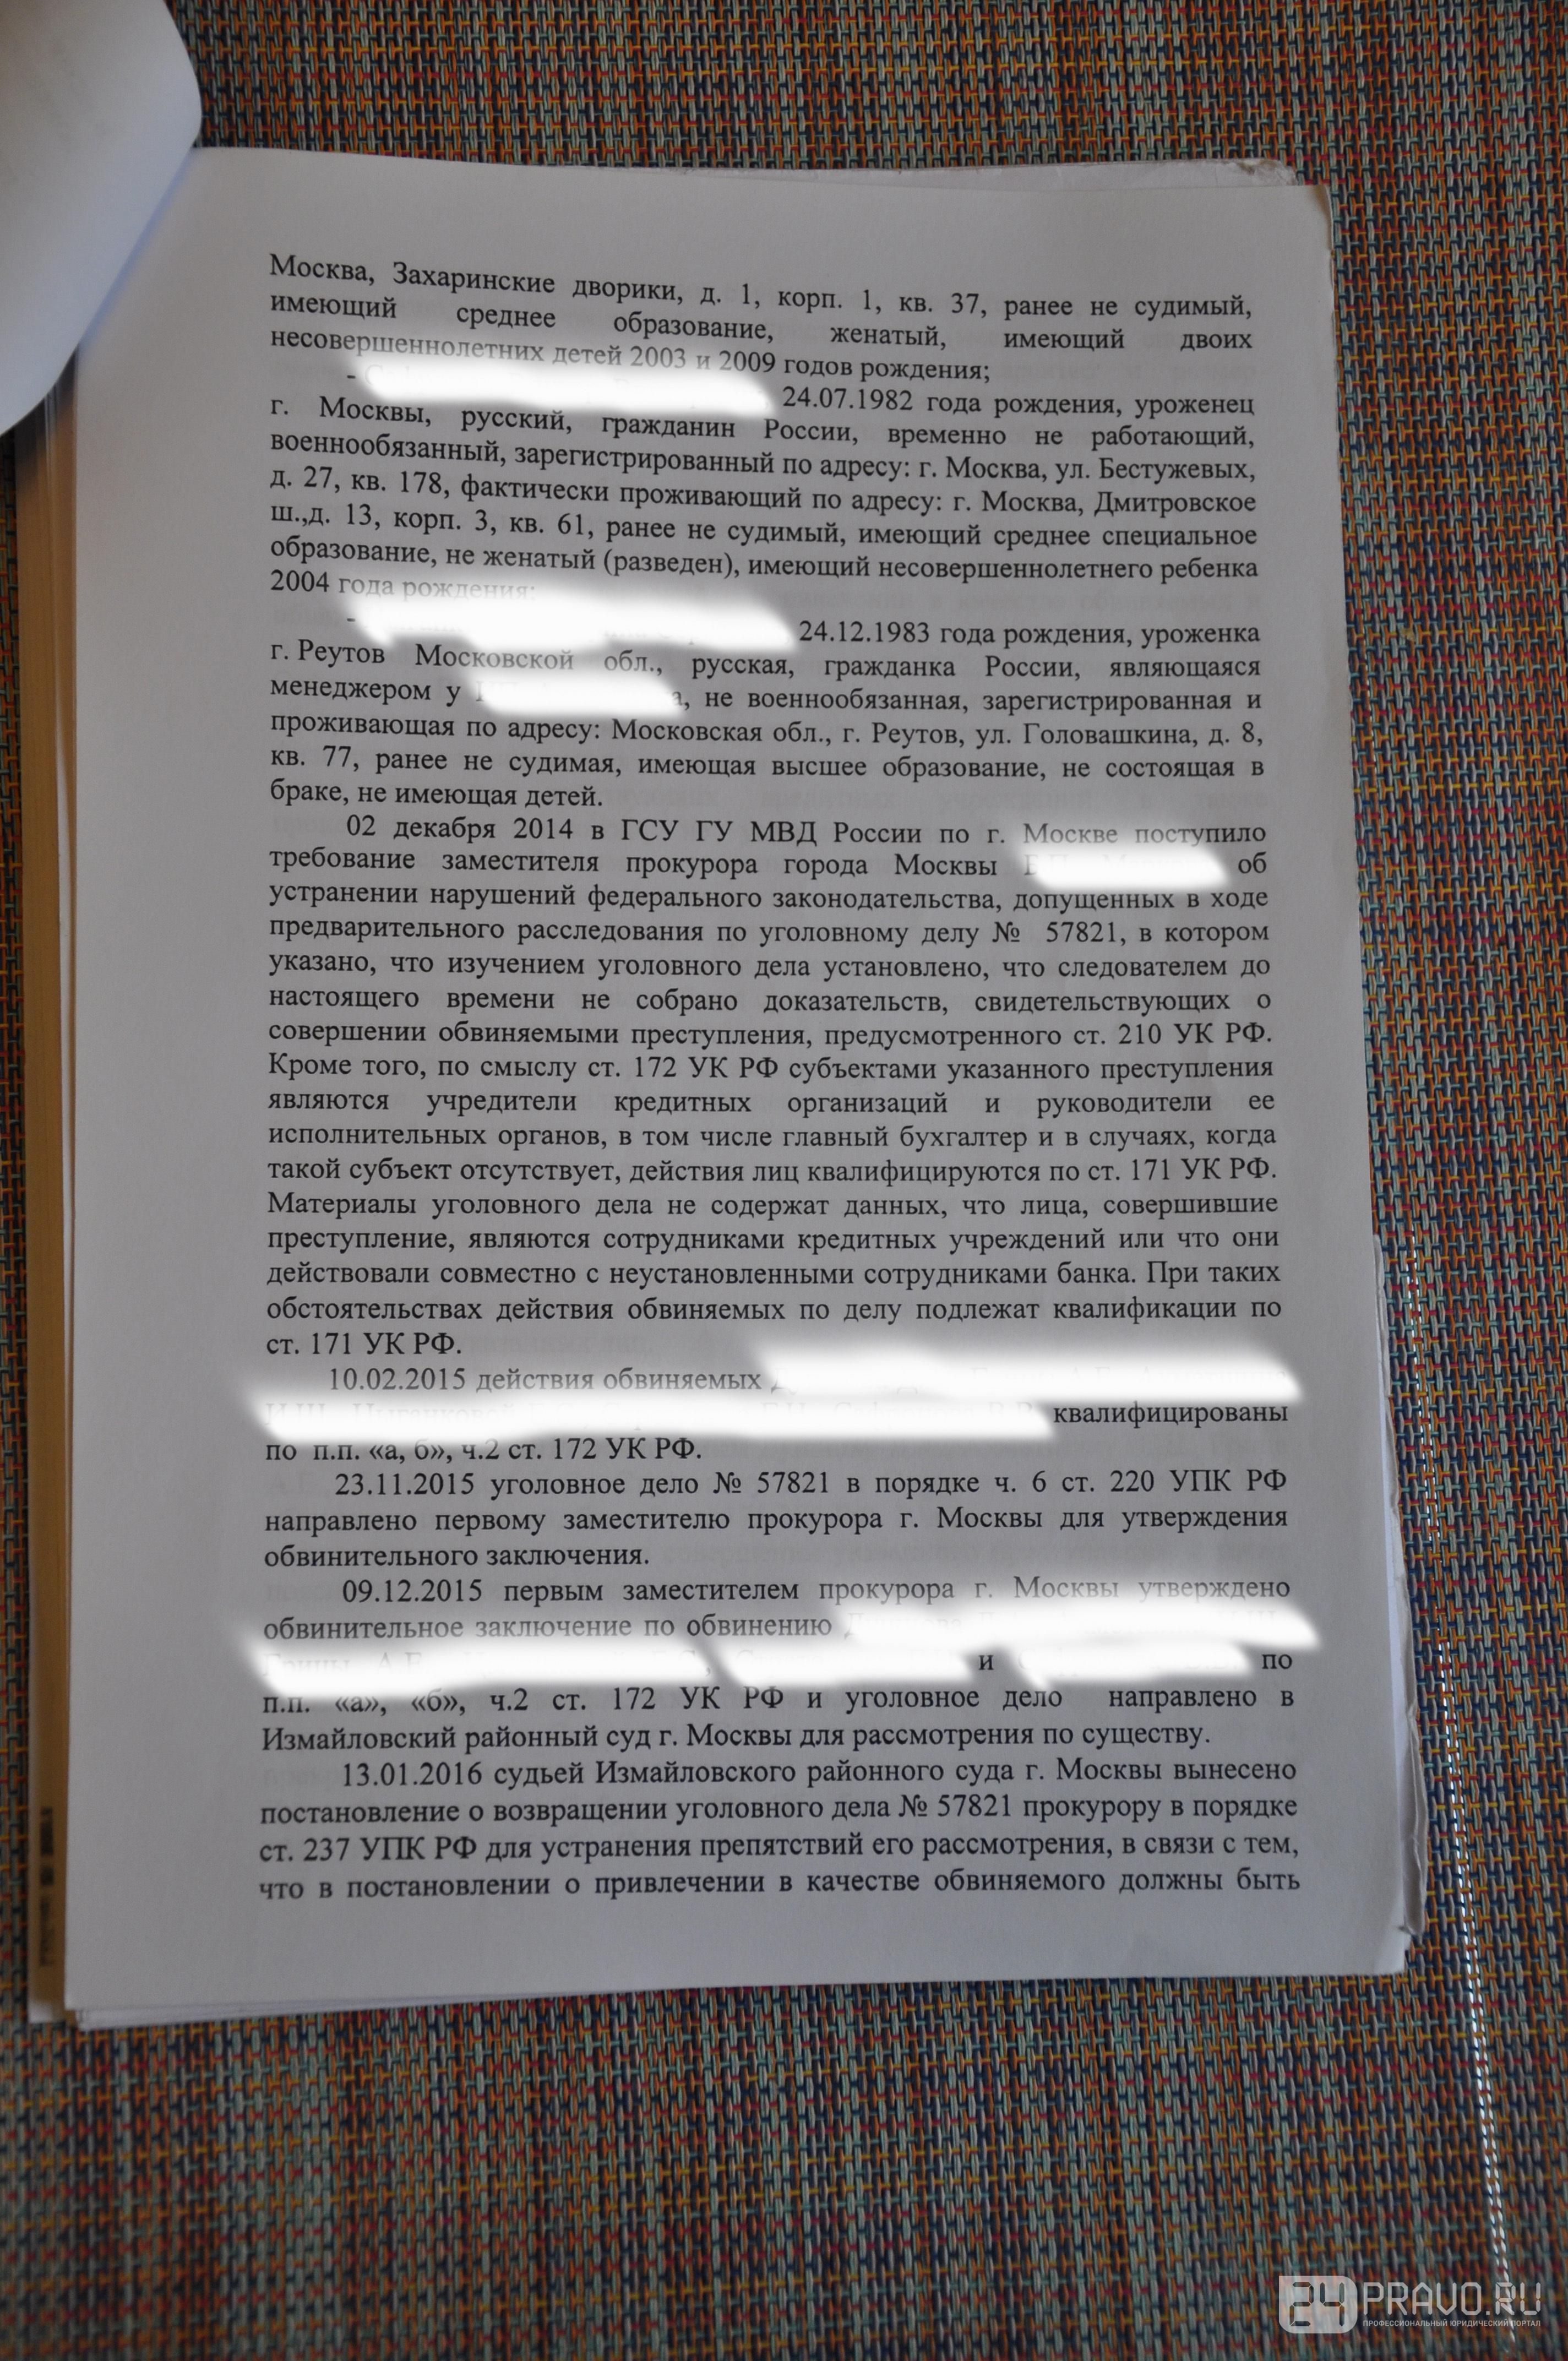 Эристона Ук рф организация преступного сообщества залу прокатился